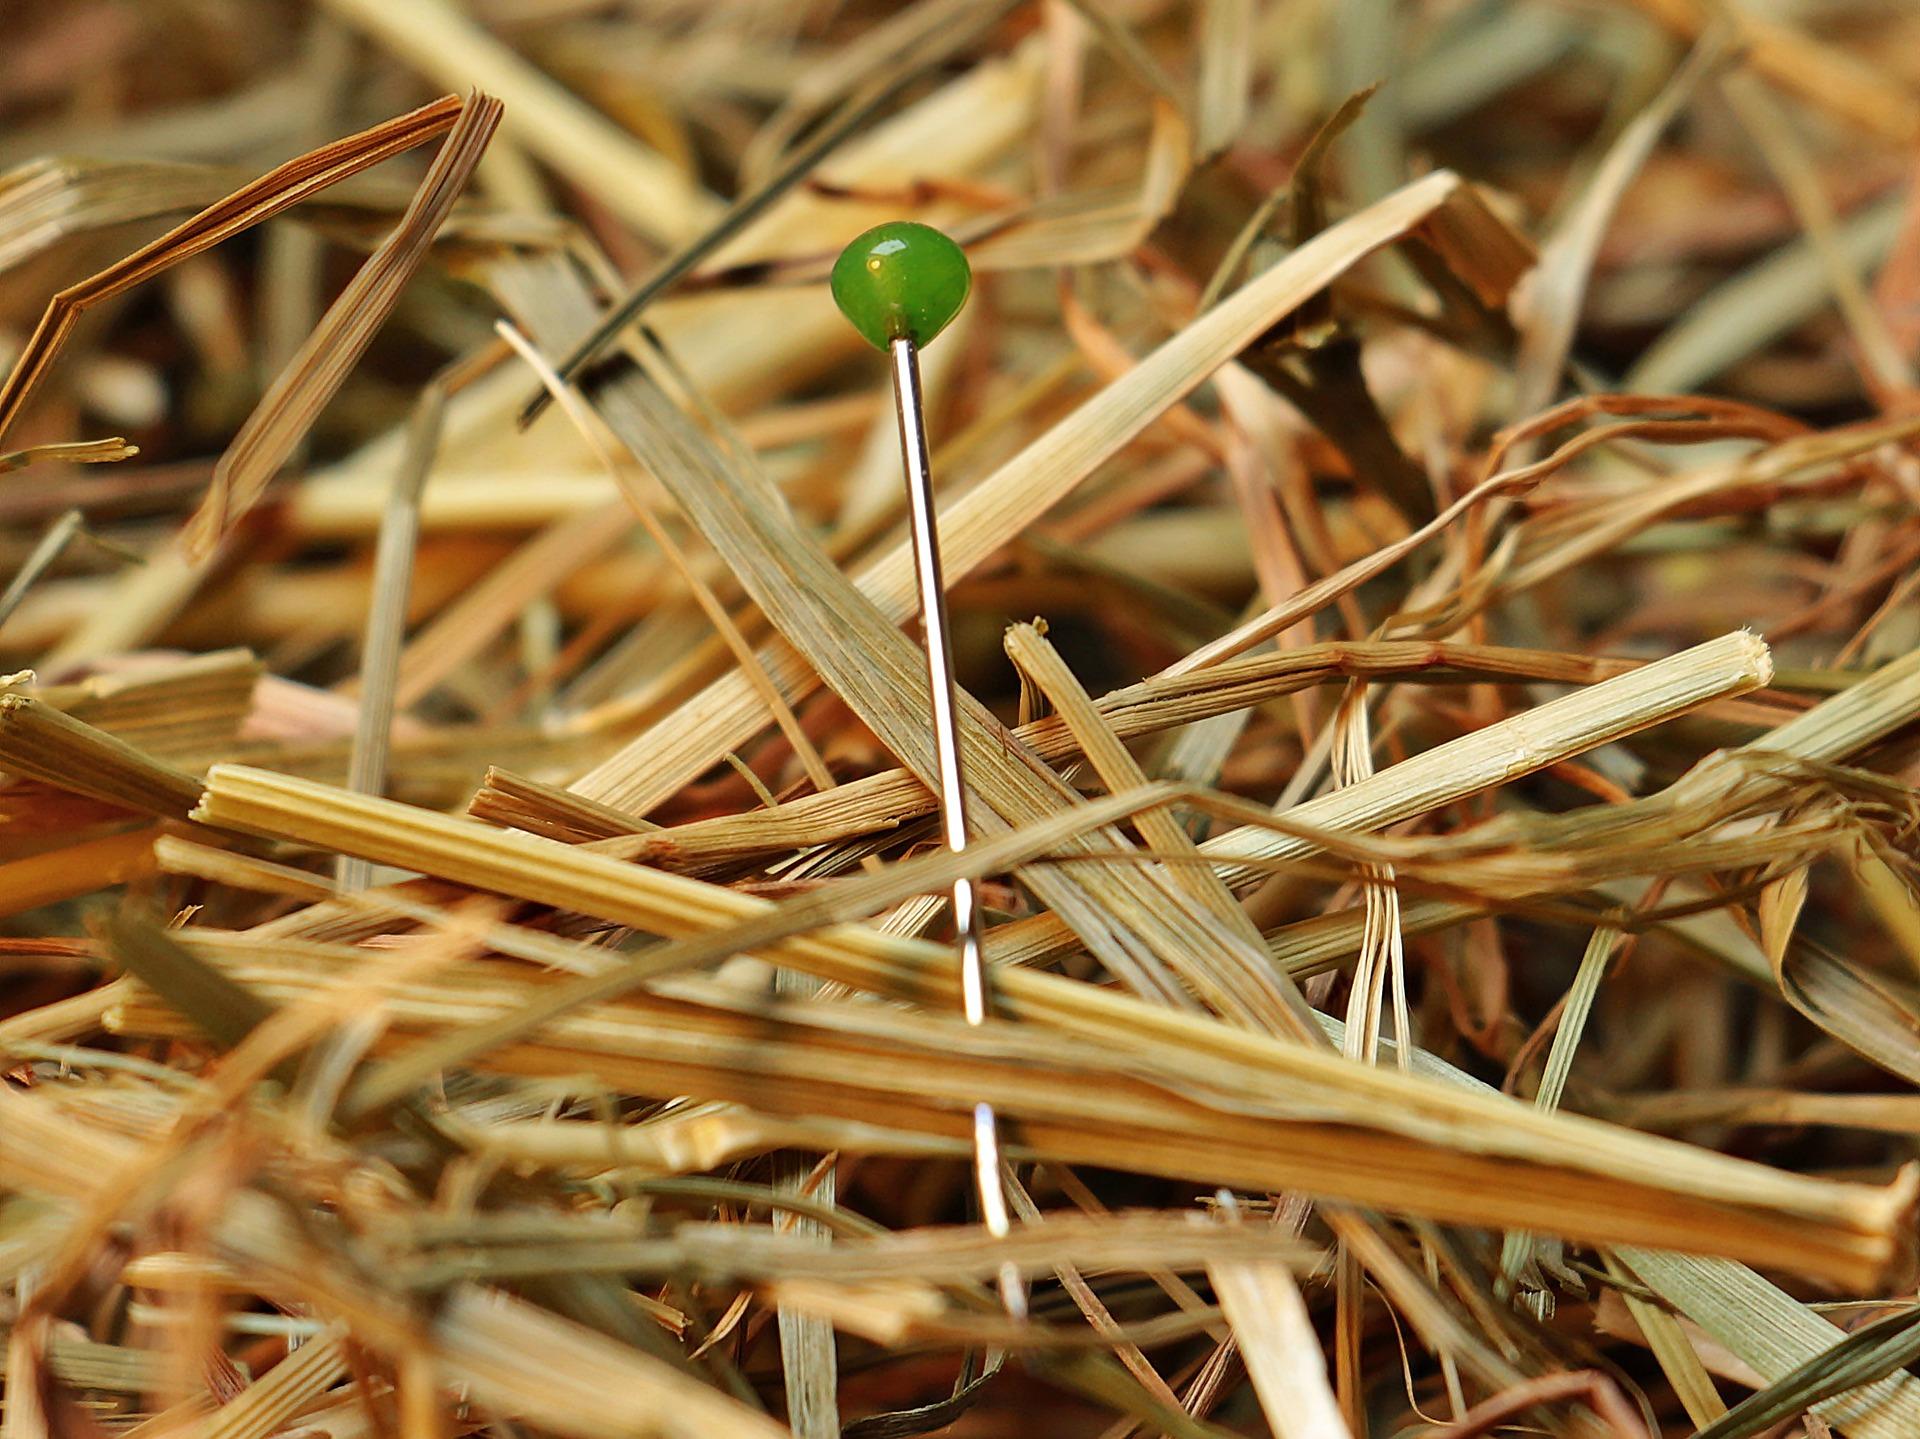 needle-in-a-haystack-1752846_1920.jpg